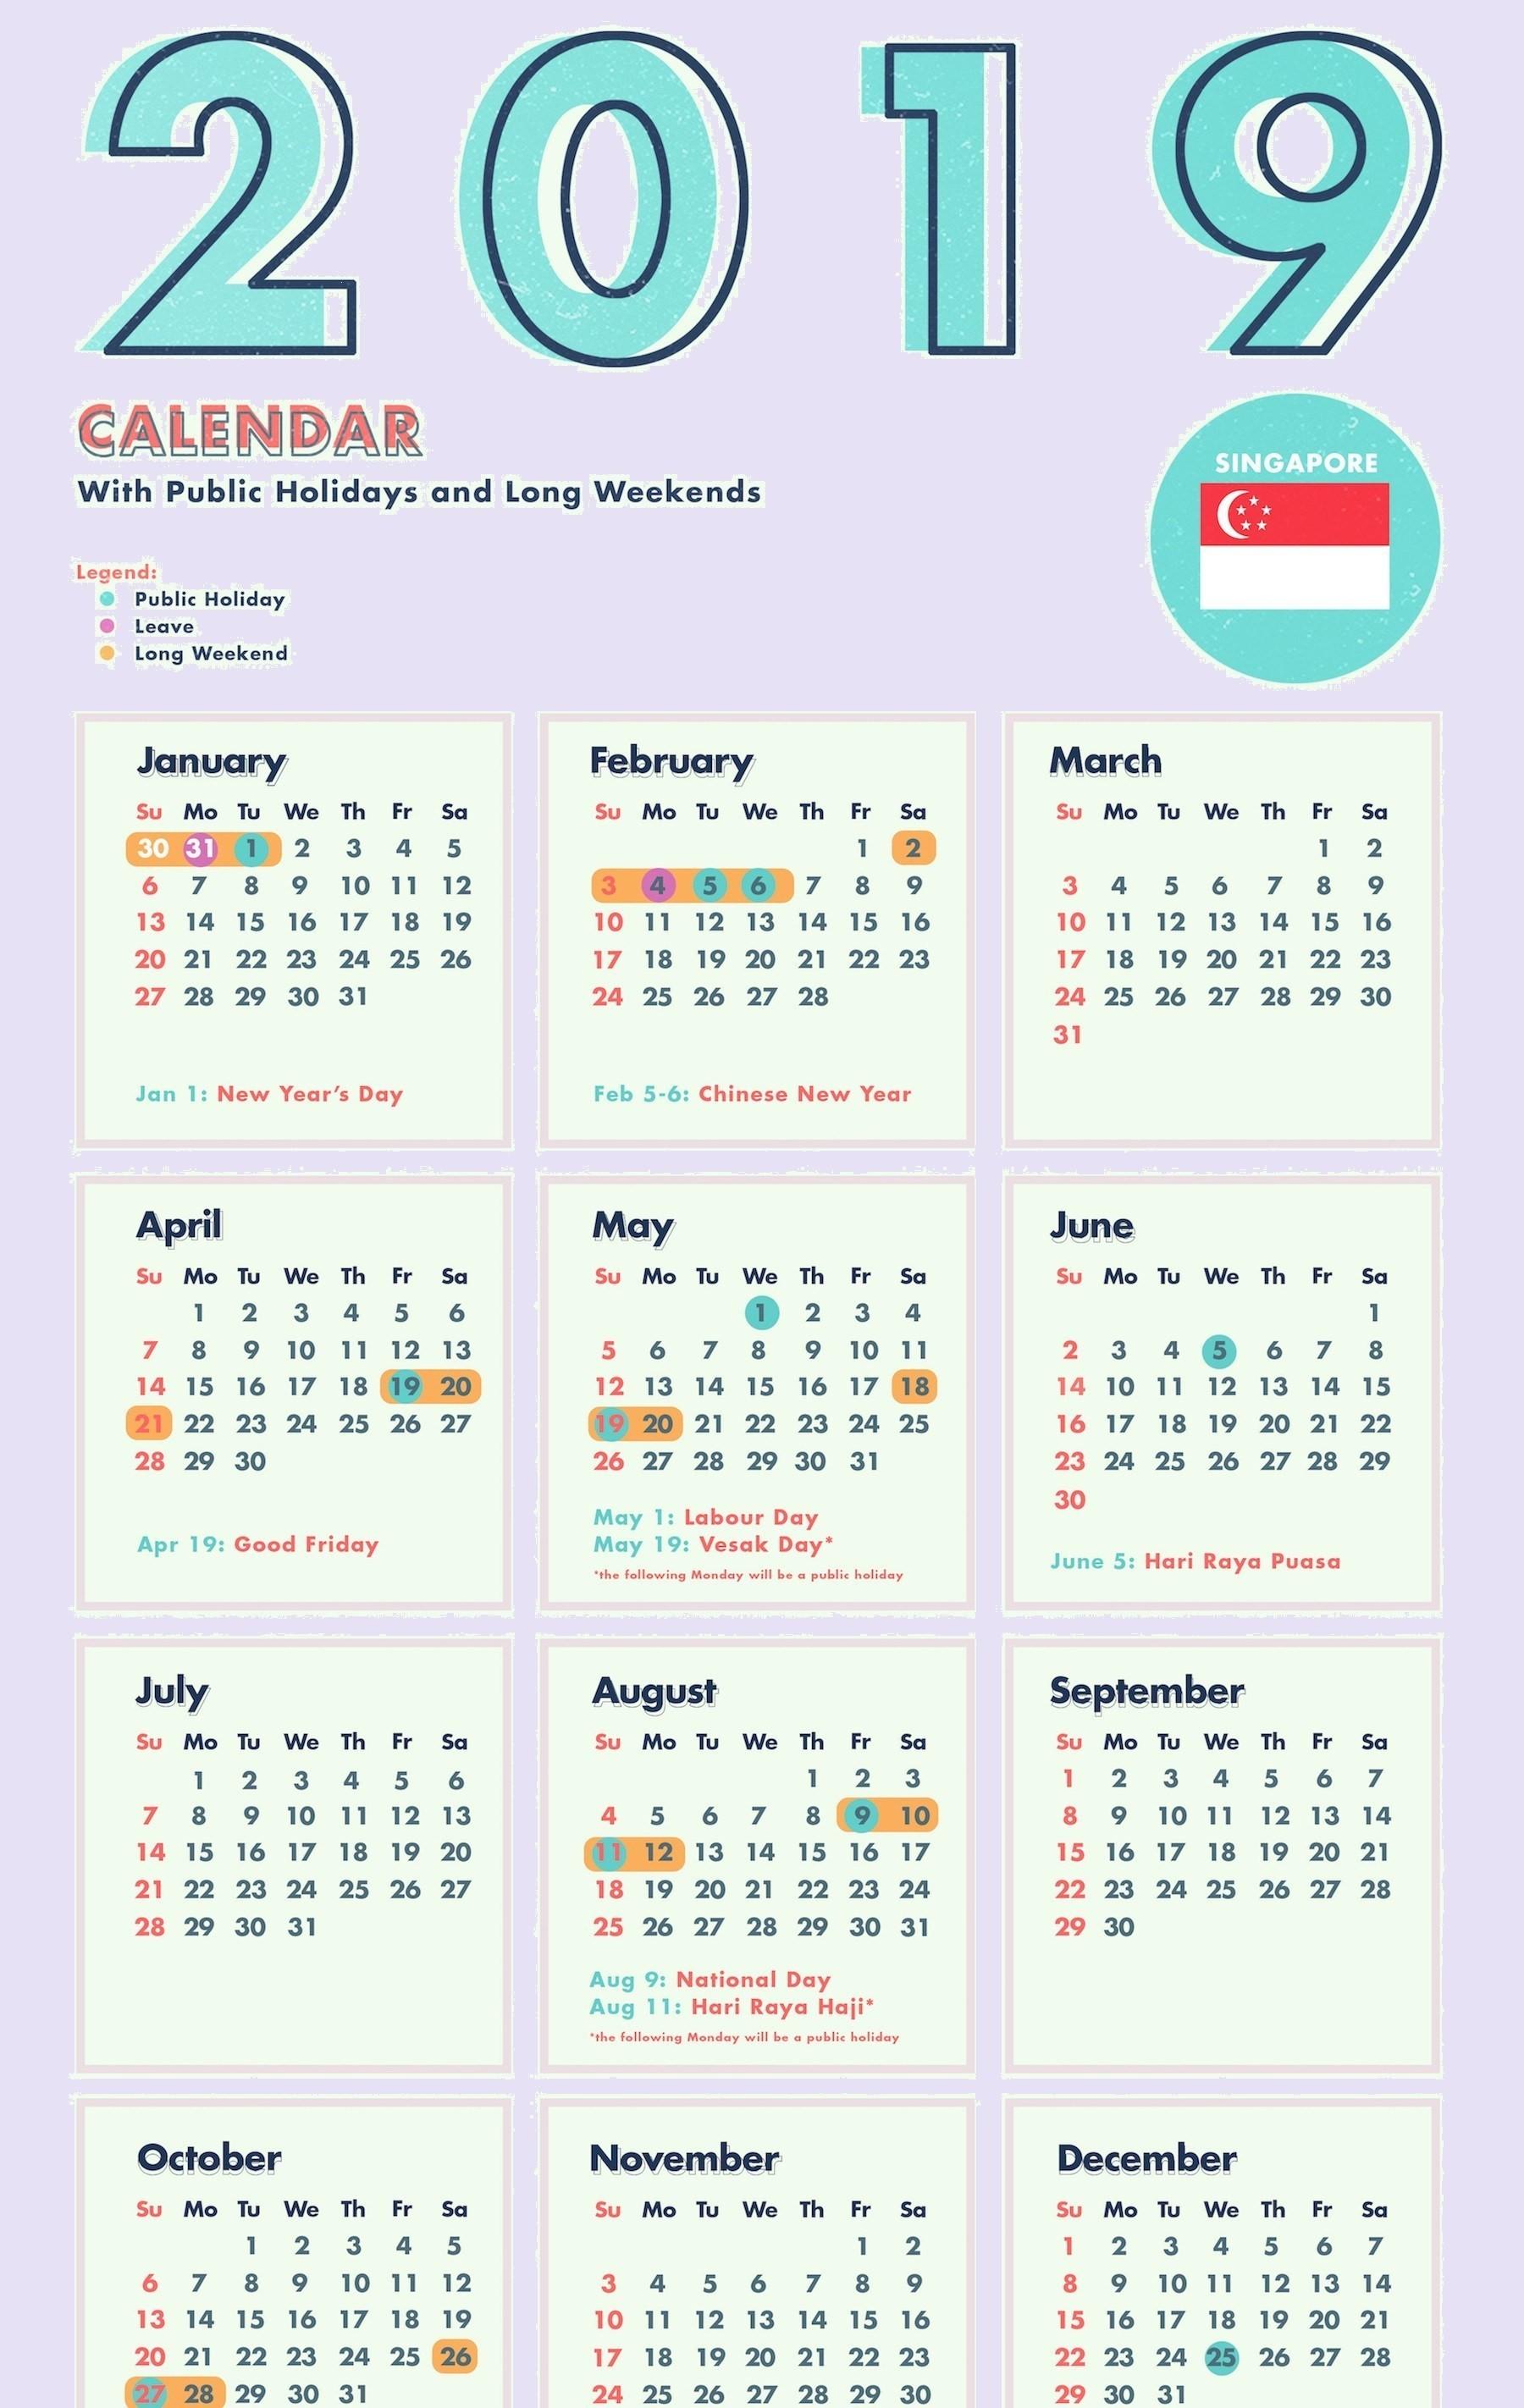 March 2019 Calendar Lala Ramswaroop Más Recientes Template Kalender 2019 Pdf Of March 2019 Calendar Lala Ramswaroop Más Recientemente Liberado Media to Get Lala Ramswaroop Calendar 2019 Pdf Download Calendar